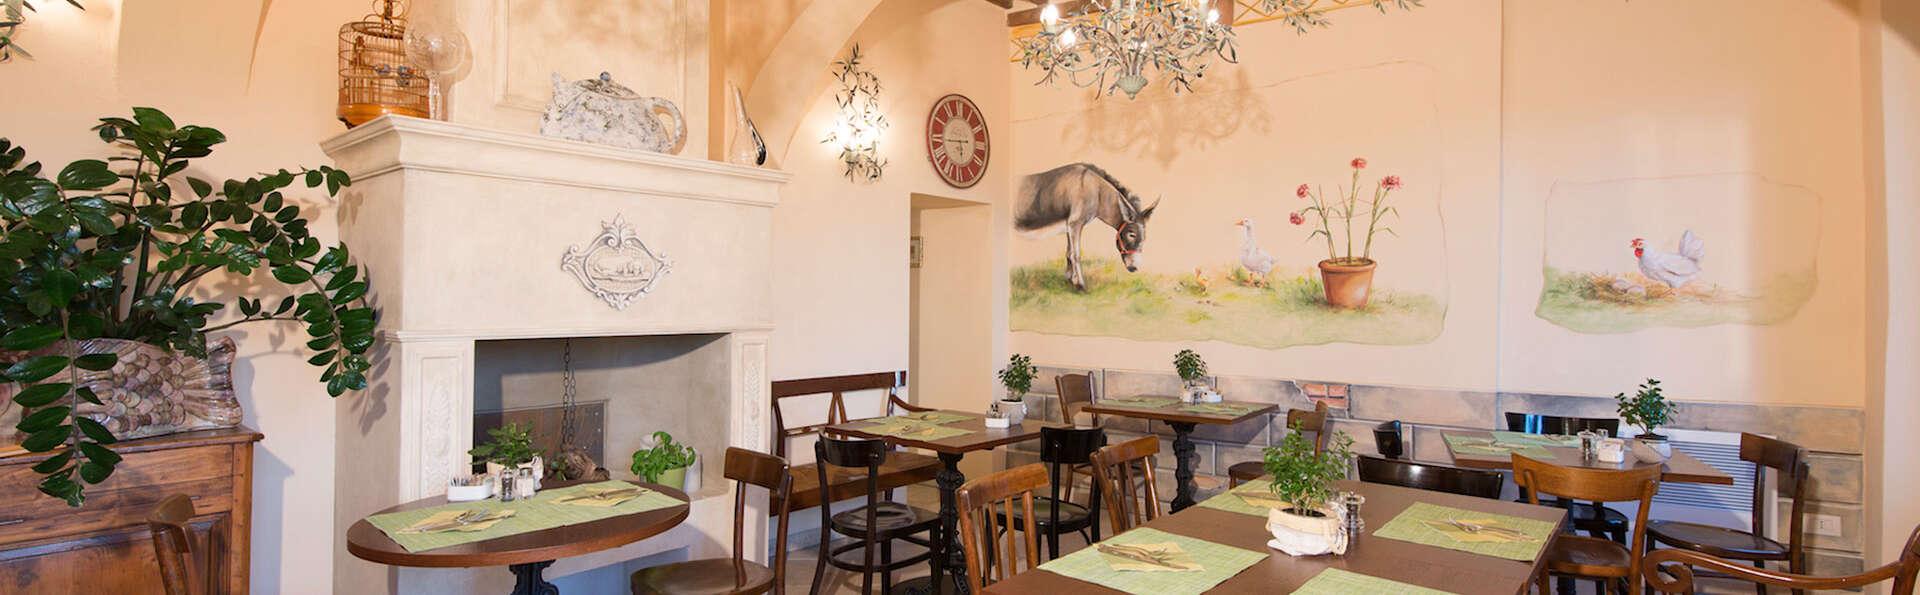 Palazzo Pacini - EDIT_NEW_restaurant3.jpg